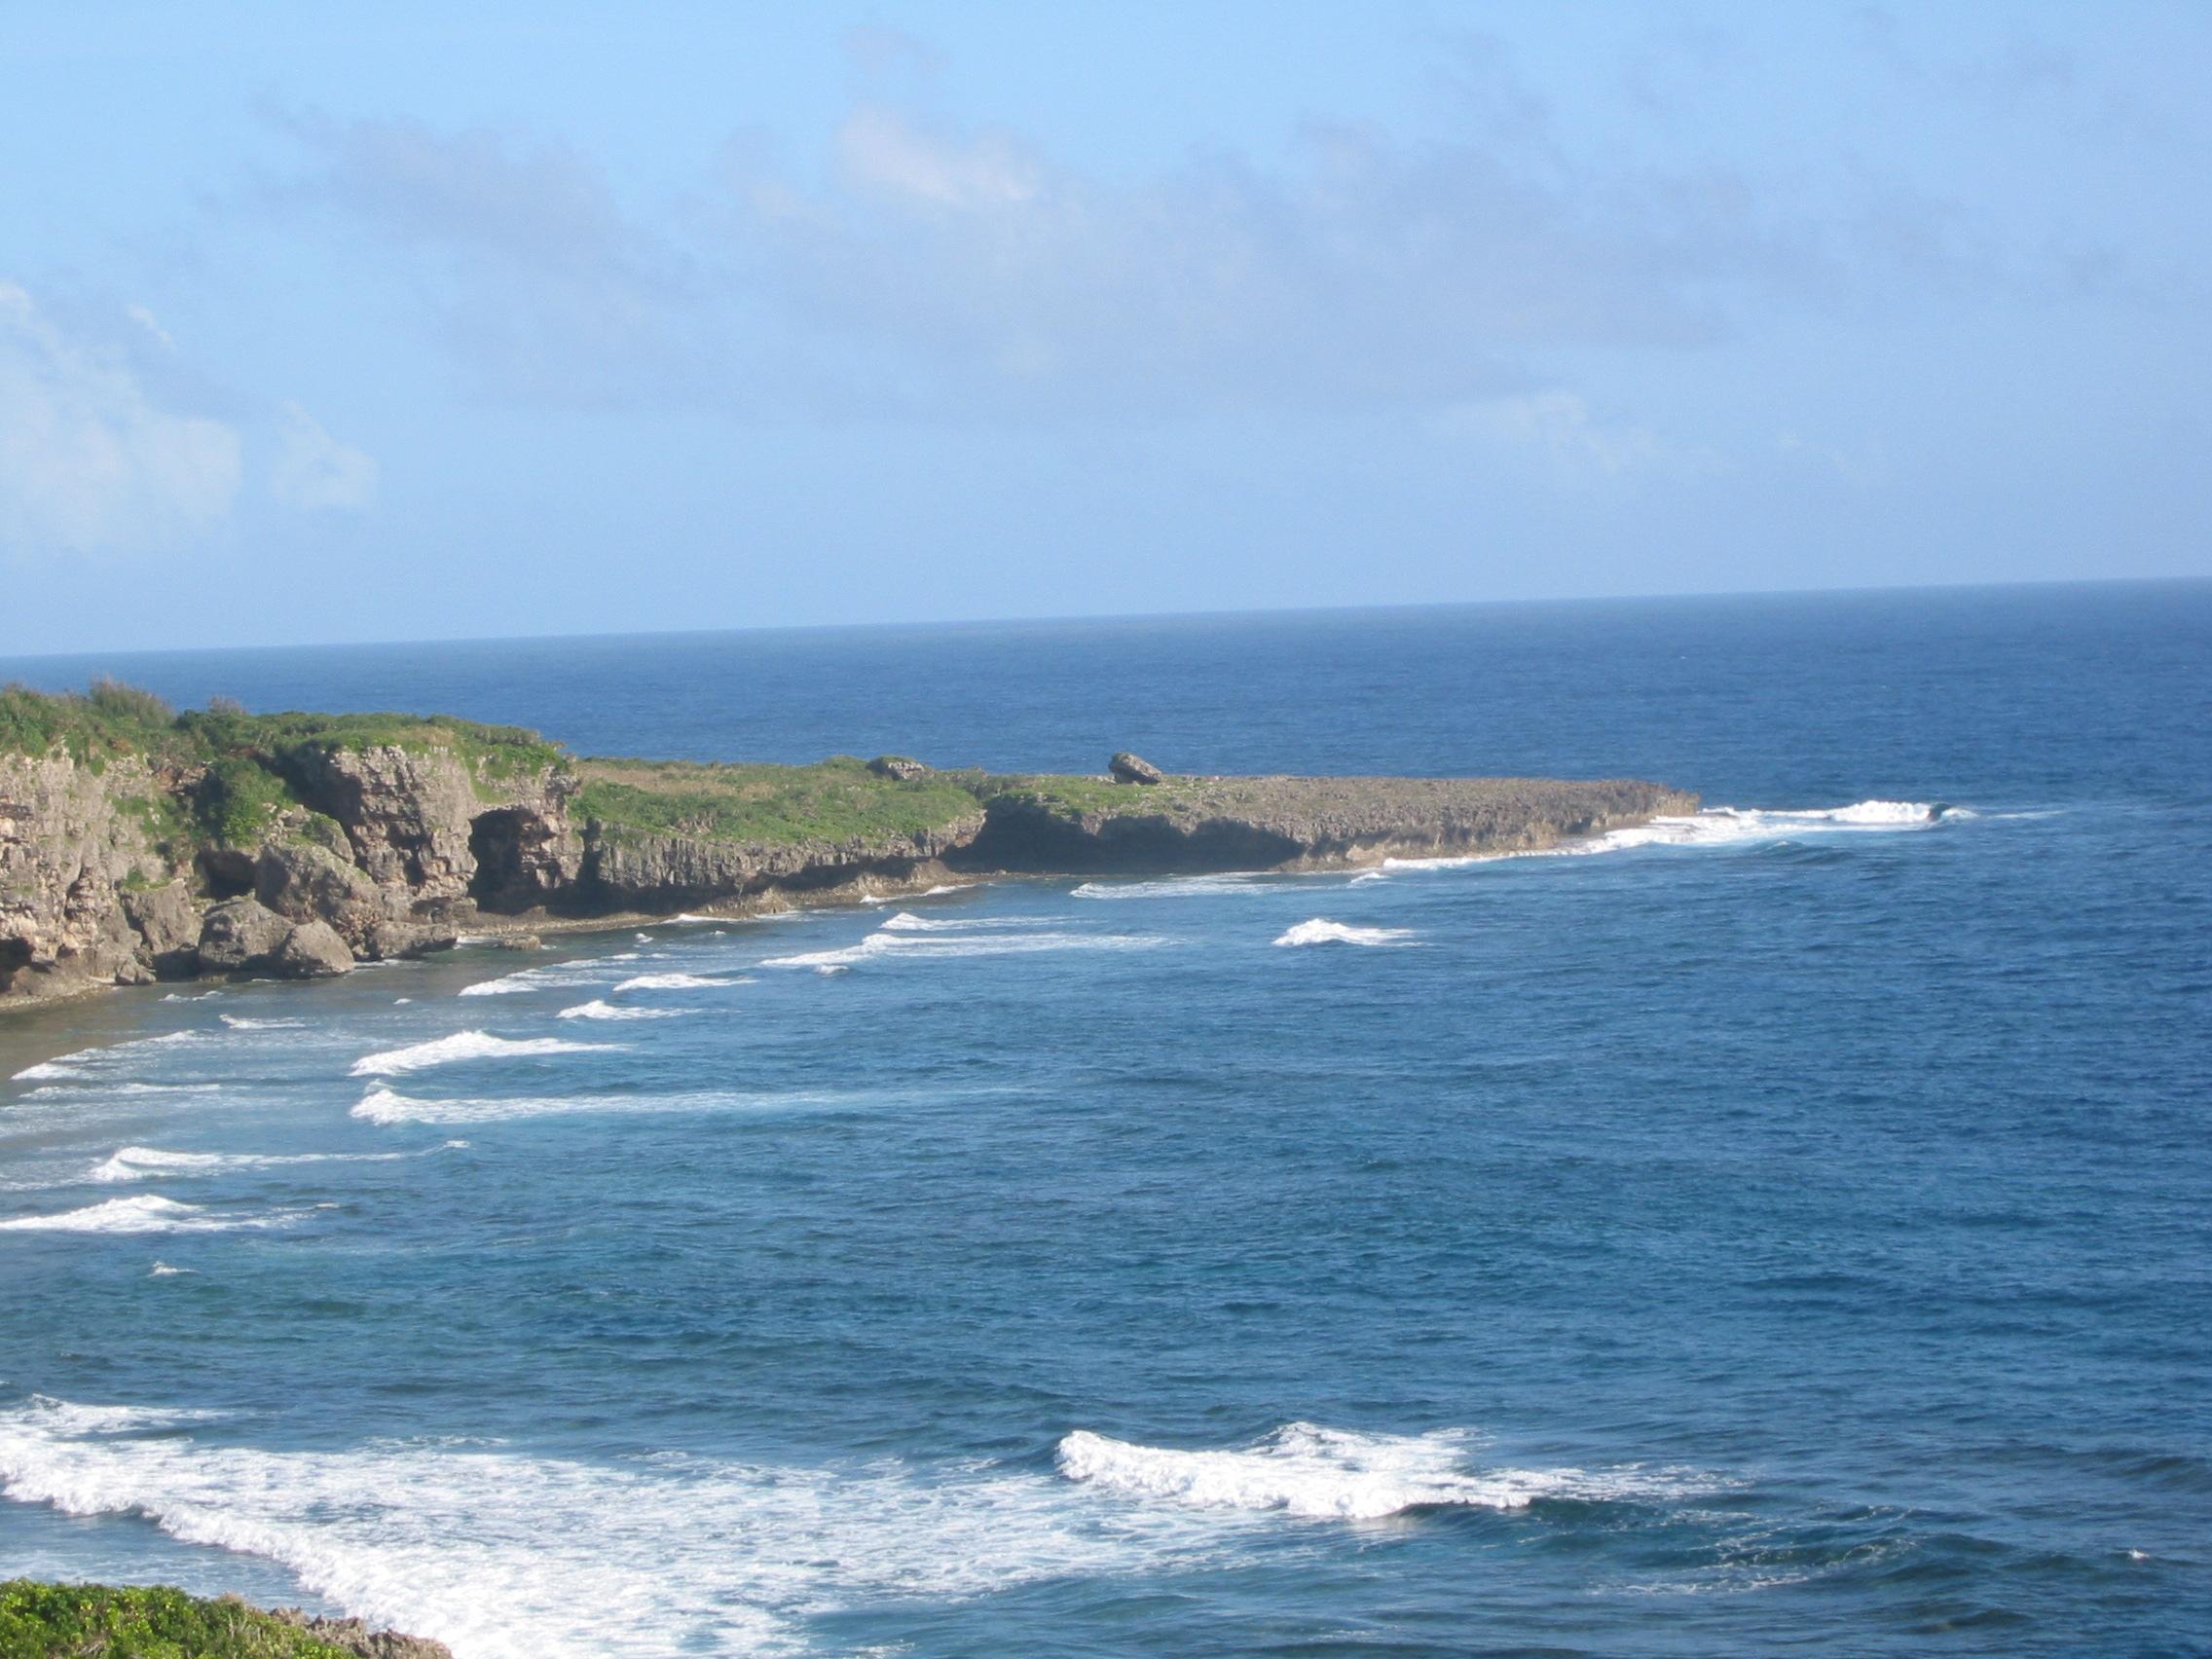 喜屋武岬 大  沖縄本島の南端に位置する岬です。 地球の丸みを感じられる水平線でした。... 沖